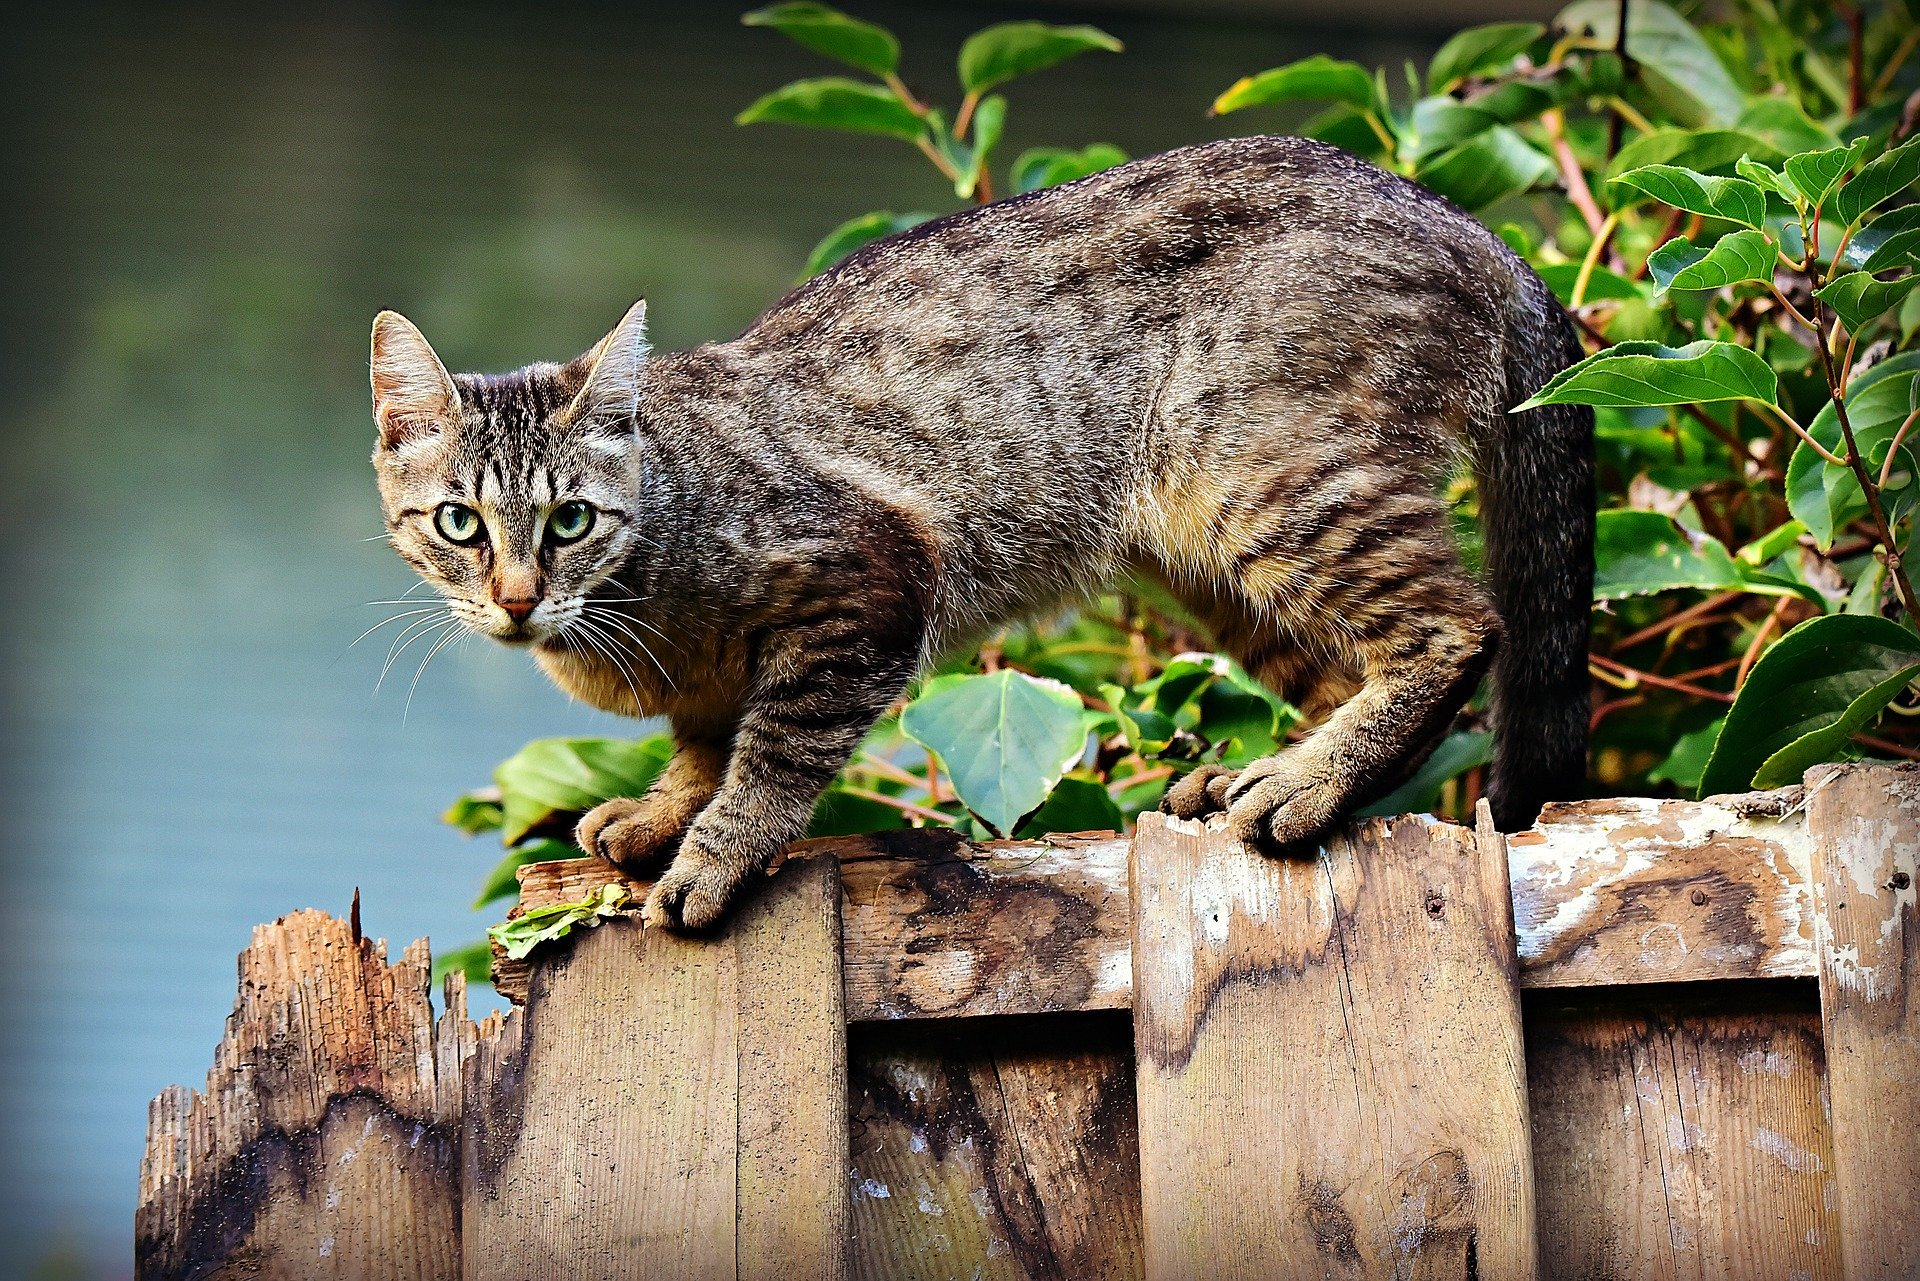 Chat qui miaule : signification des miaulements, comment le calmer ? De nuit ?